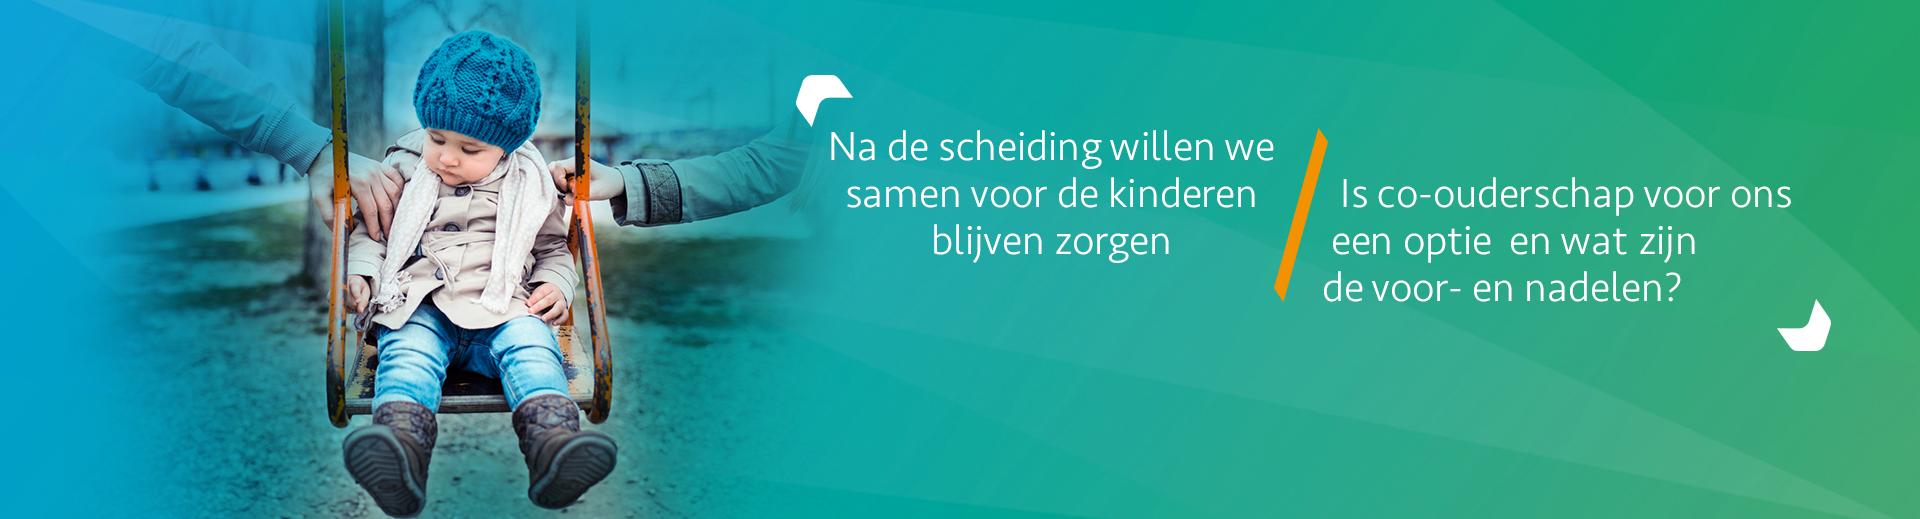 Co-ouderschap: samen zorgen, met test! - Scheidingsplanner Maastricht - Heerlen - Gulpen